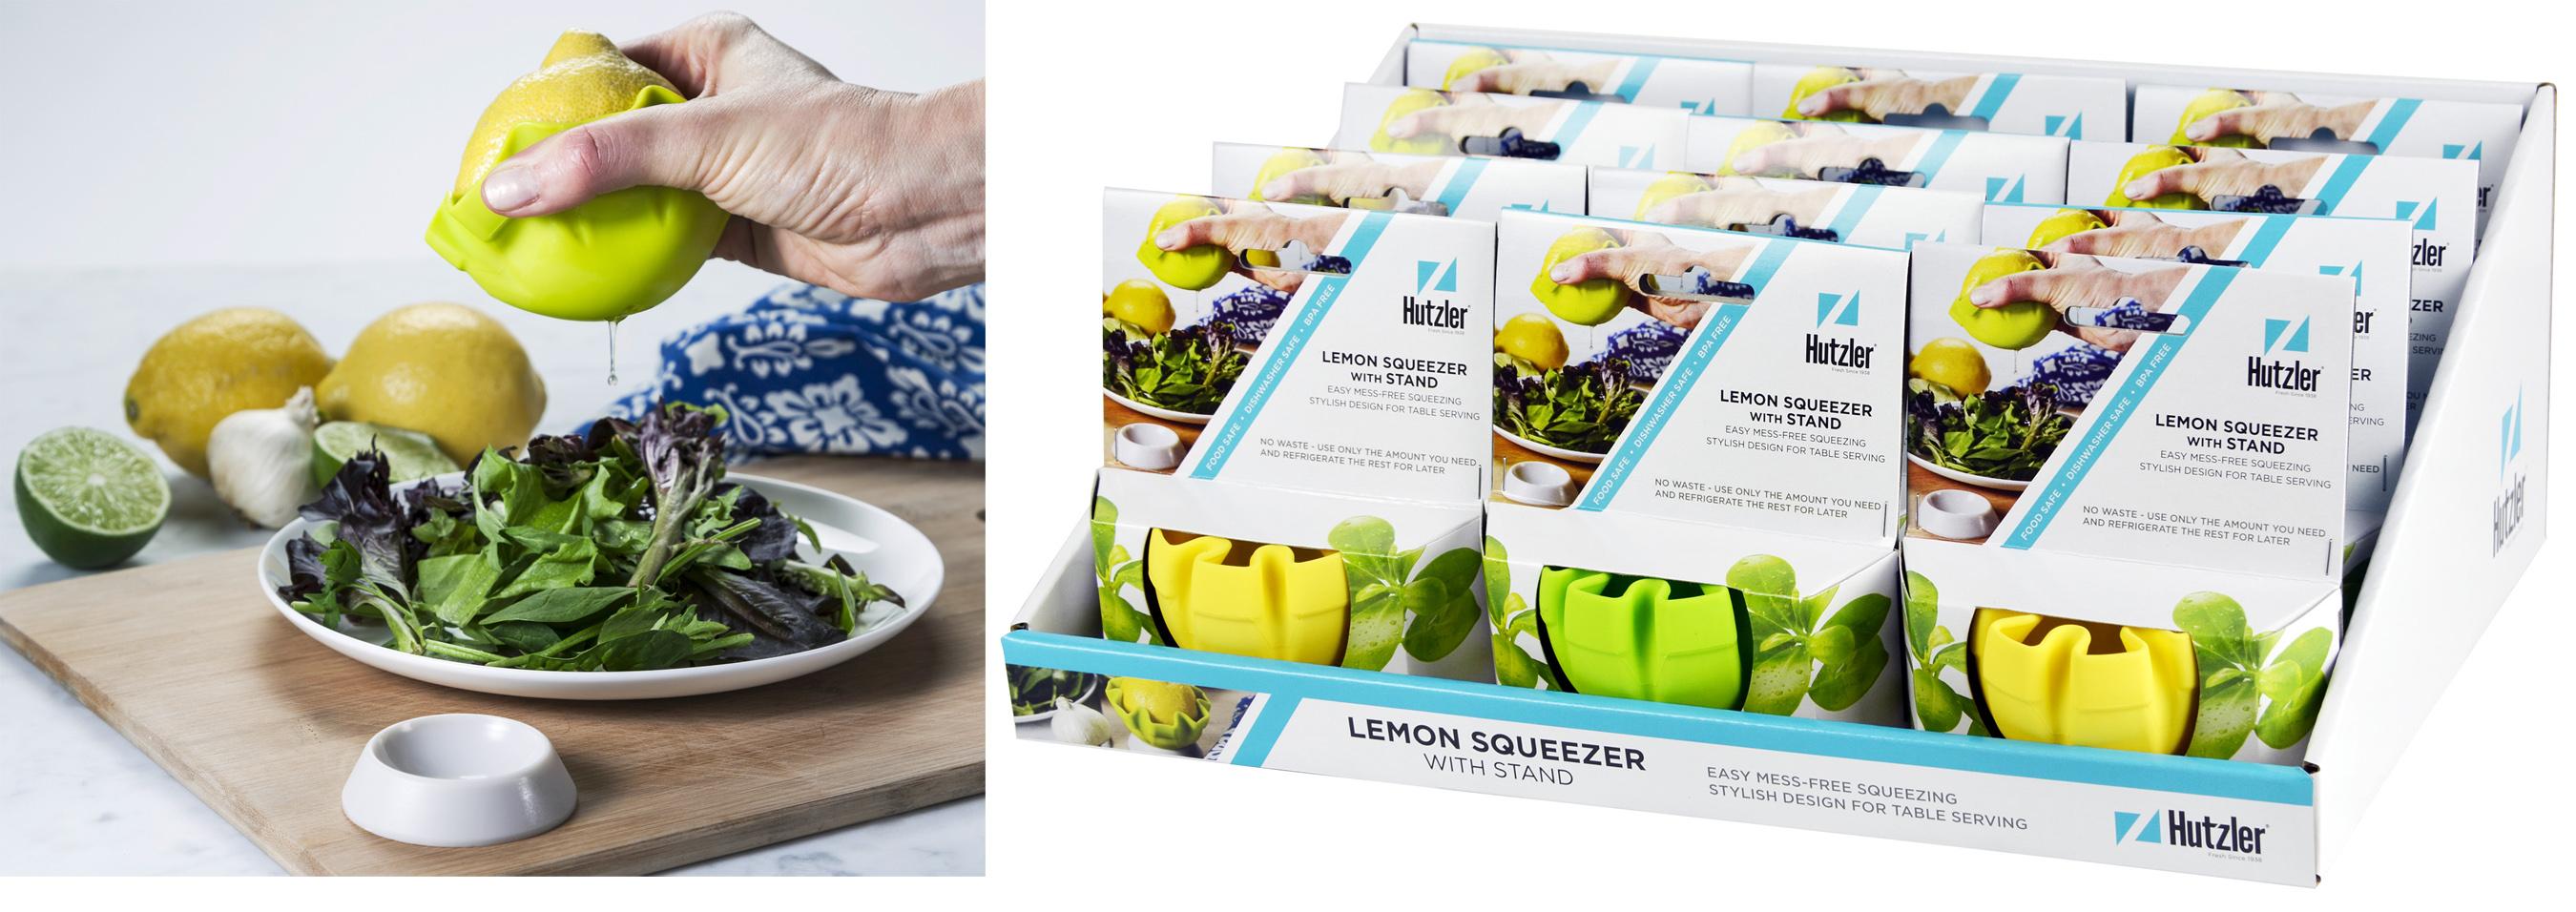 Hutzler 12-889 Lemon Squeezer Counter Display (12 pack)